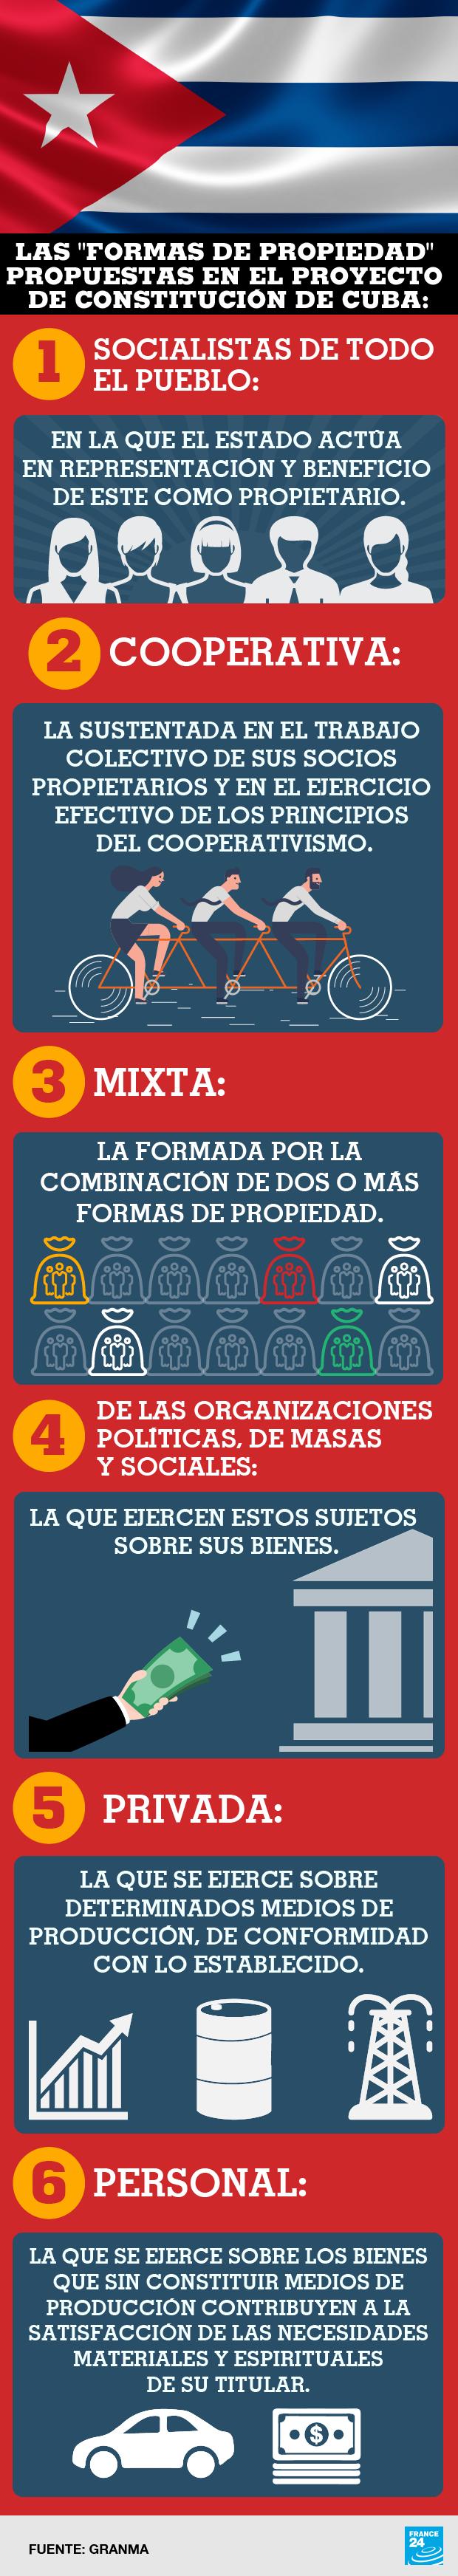 Las nuevas formas de propiedad que plantea el nuevo proyecto de Constitución en Cuba